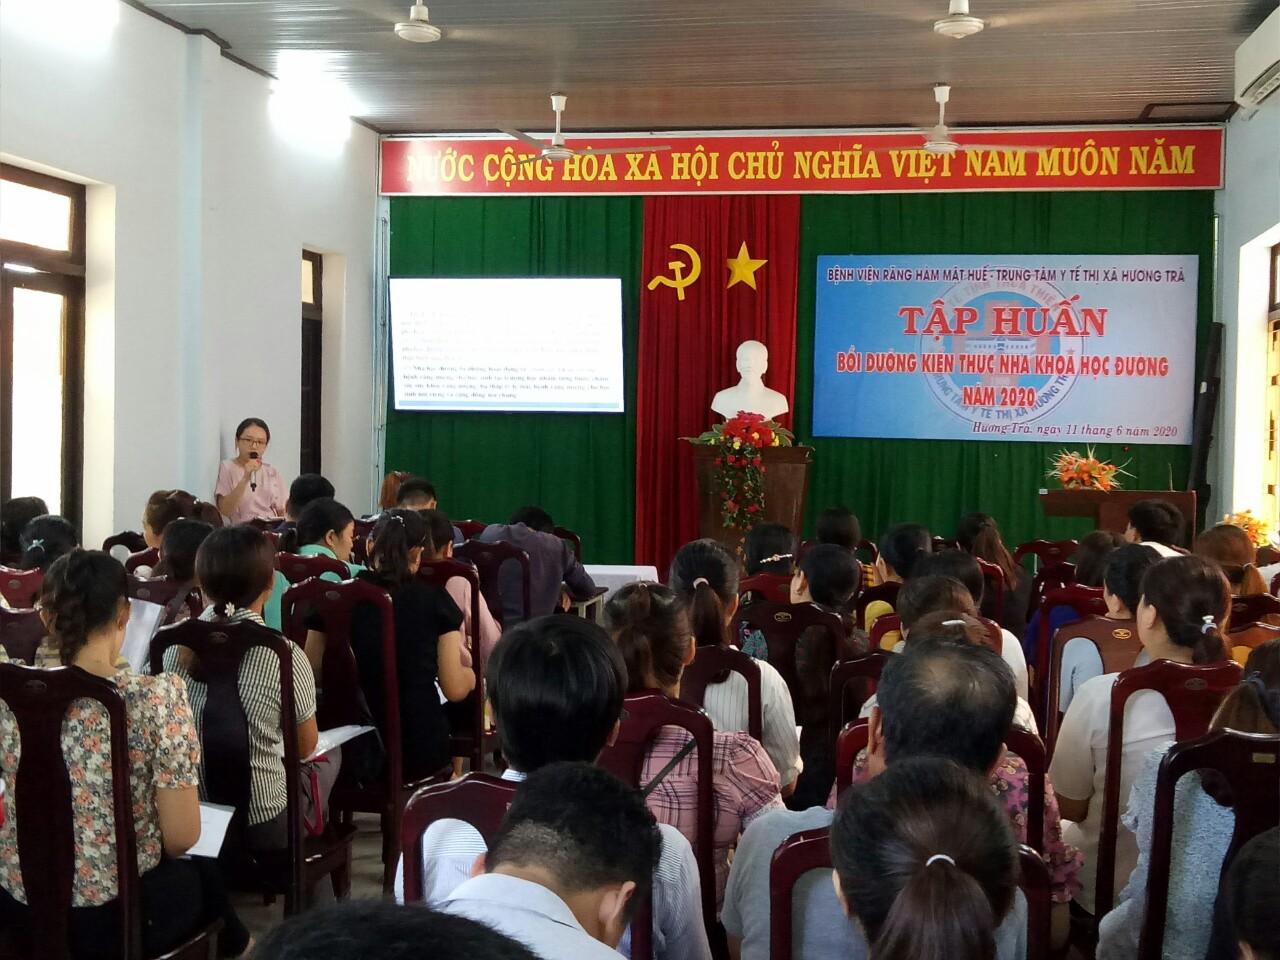 Tập huấn chương trình Nha học đường cho y tế trường học